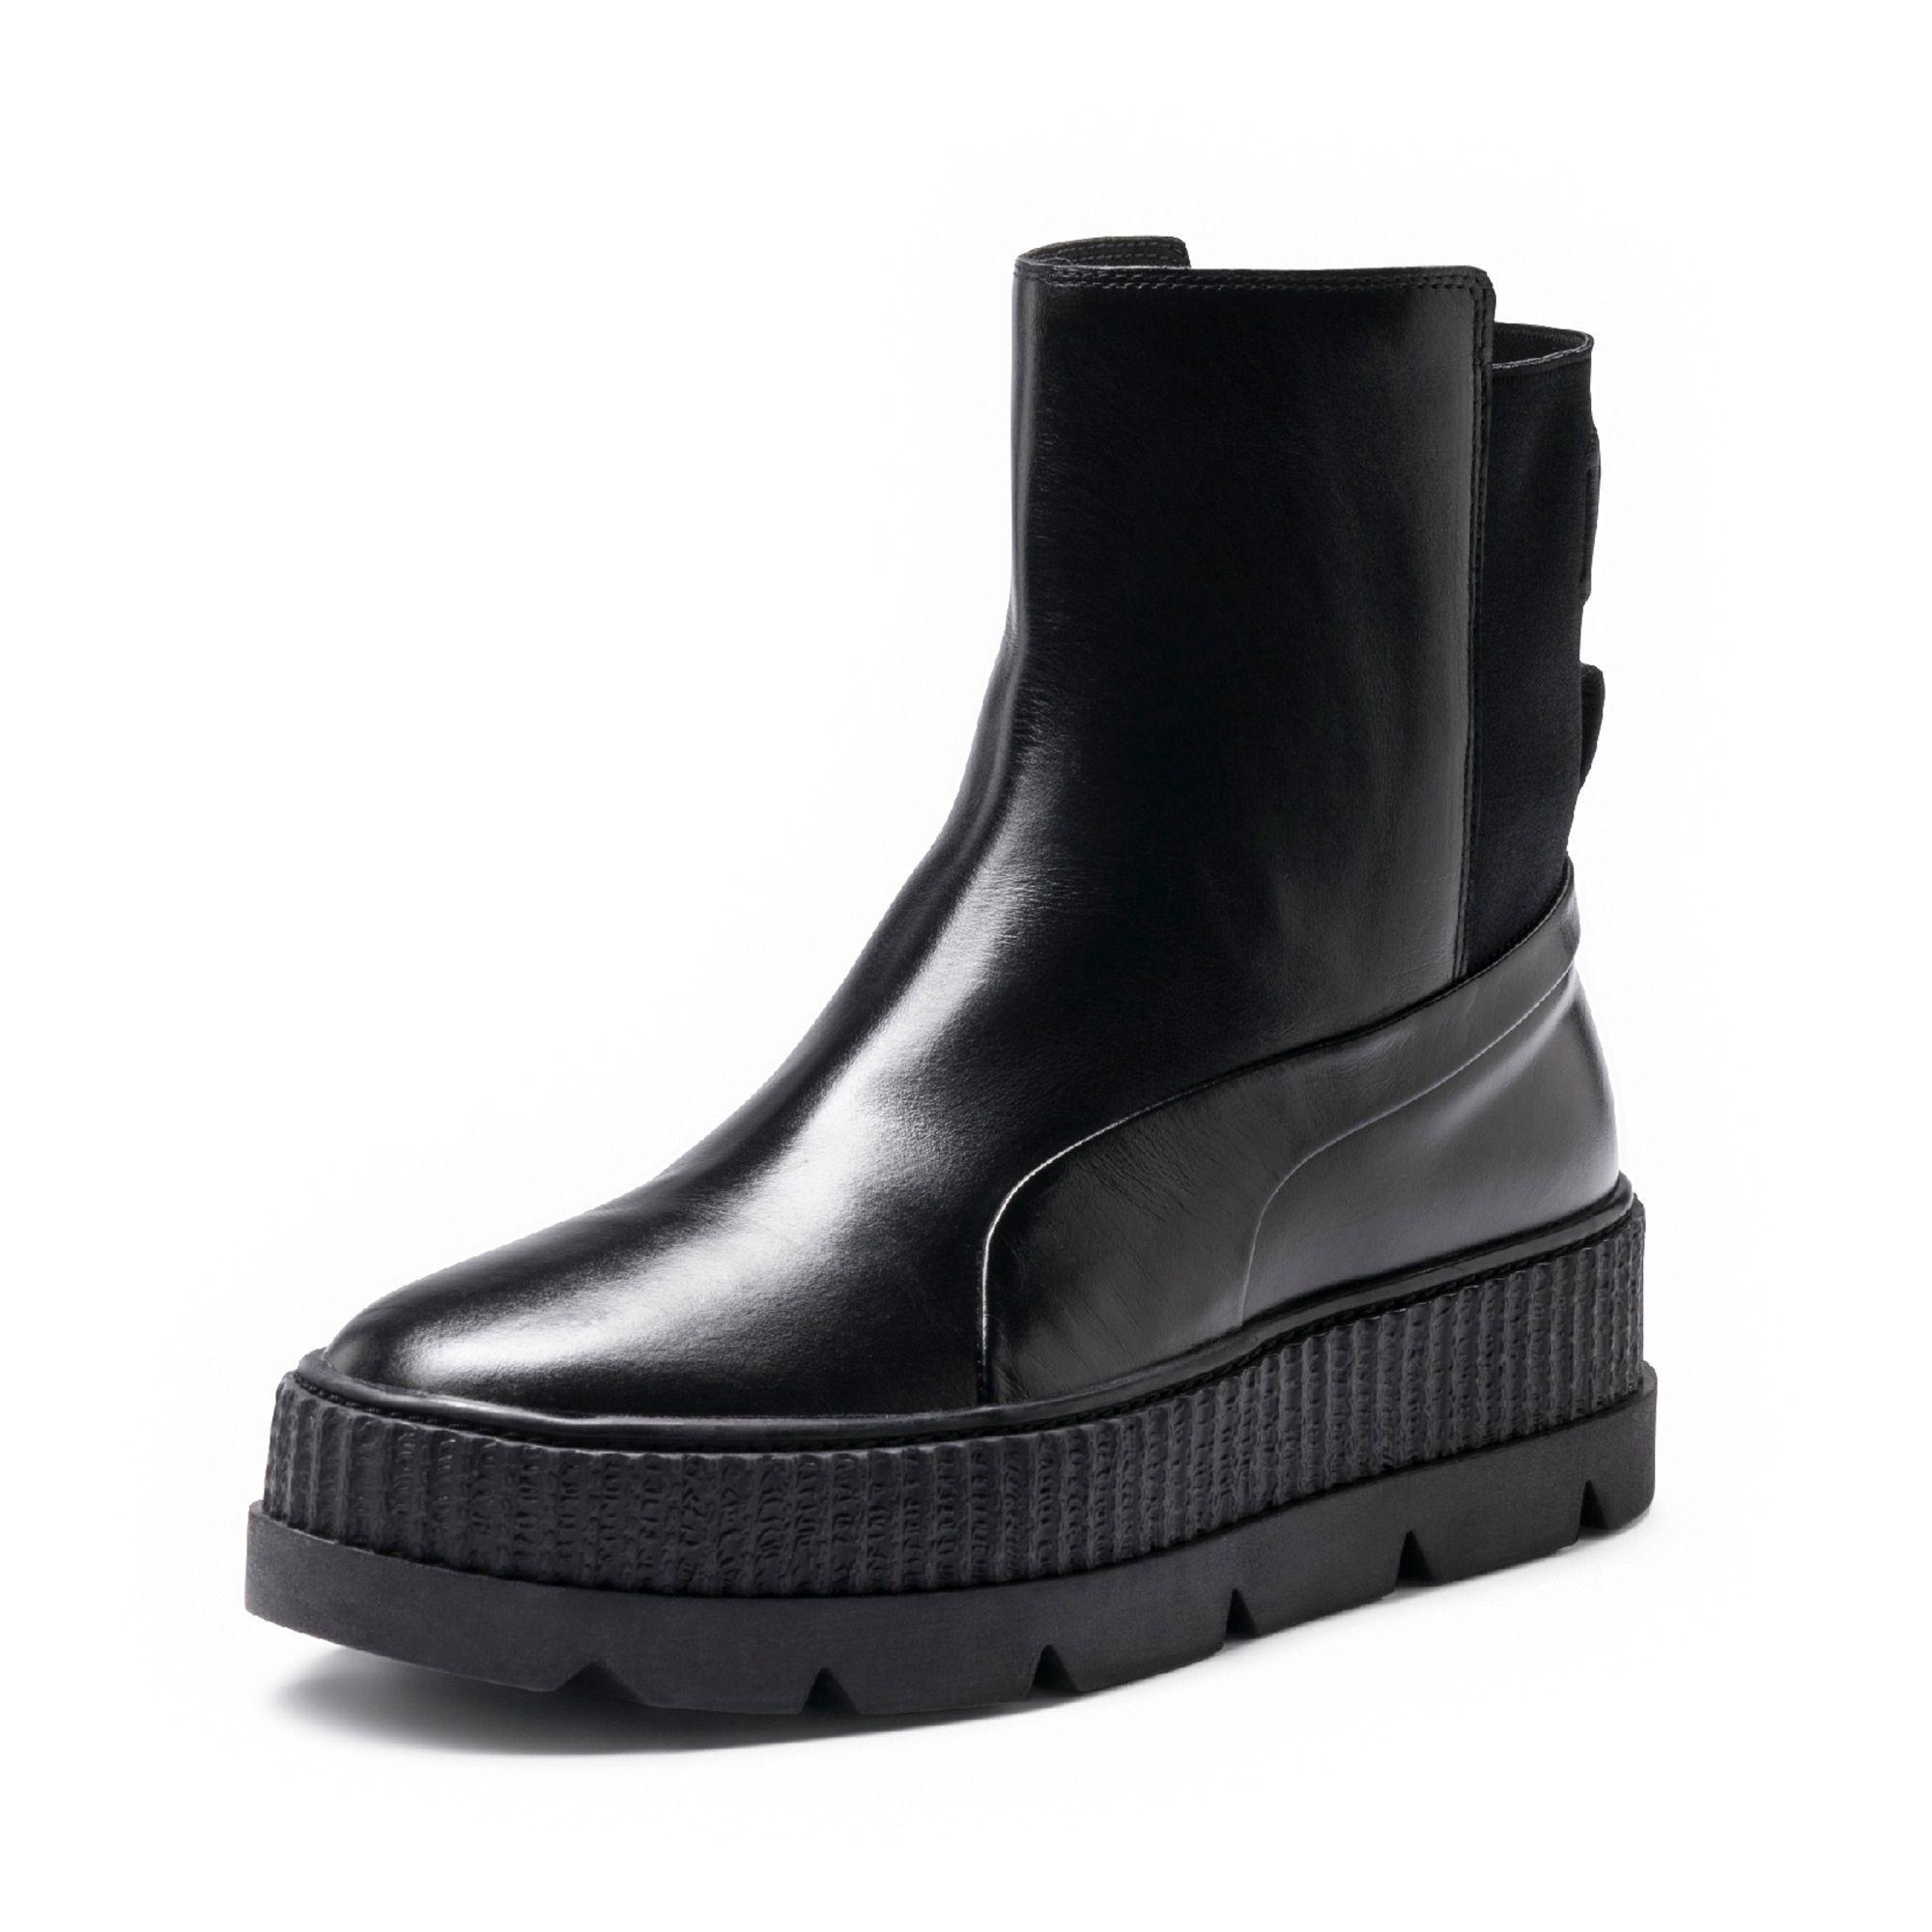 cheaper 607f8 b01d1 Black Fenty Women's Chelsea Sneaker Boot